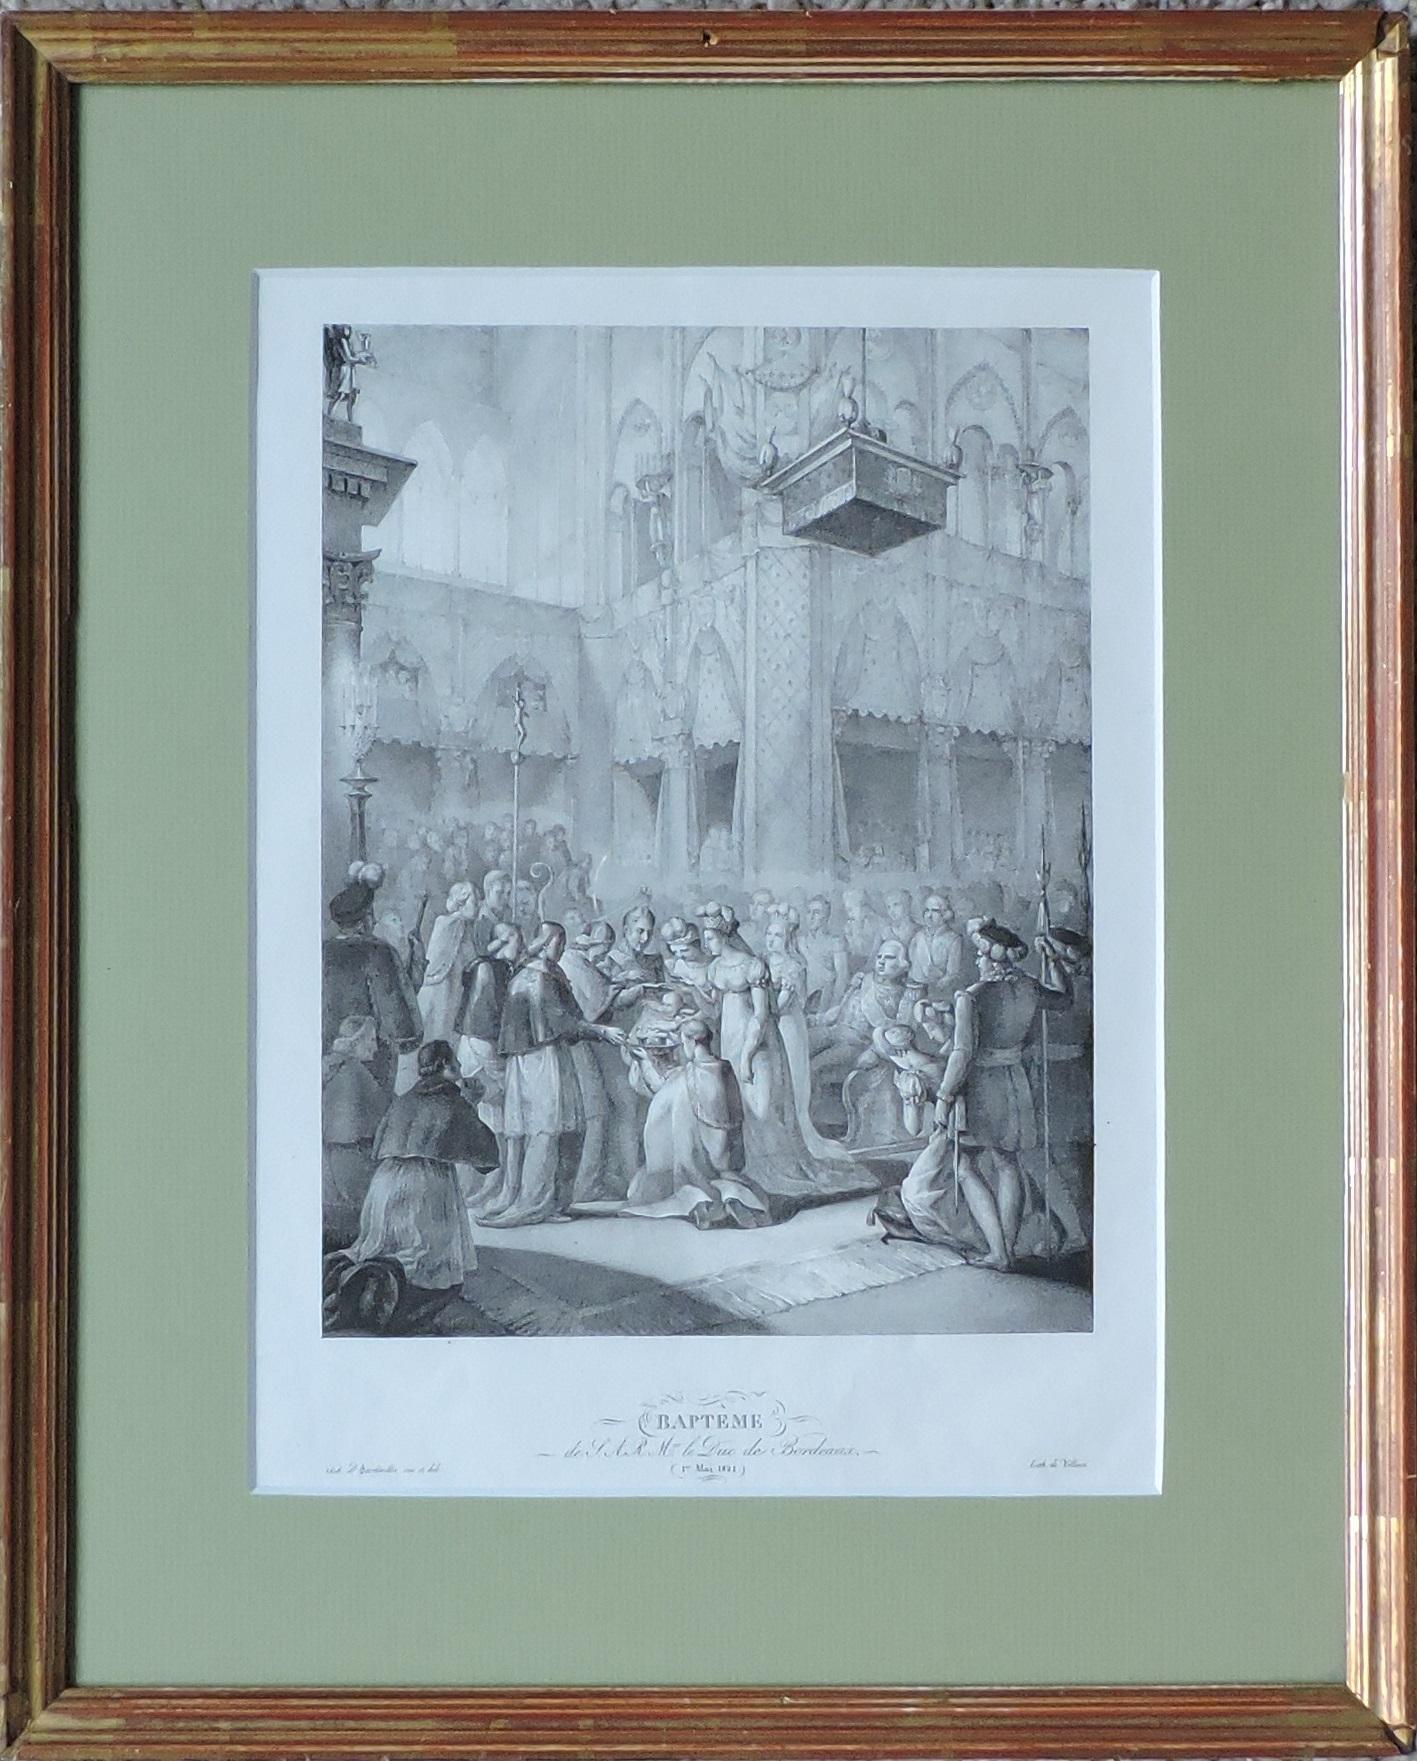 Baptême du duc de Bordeaux